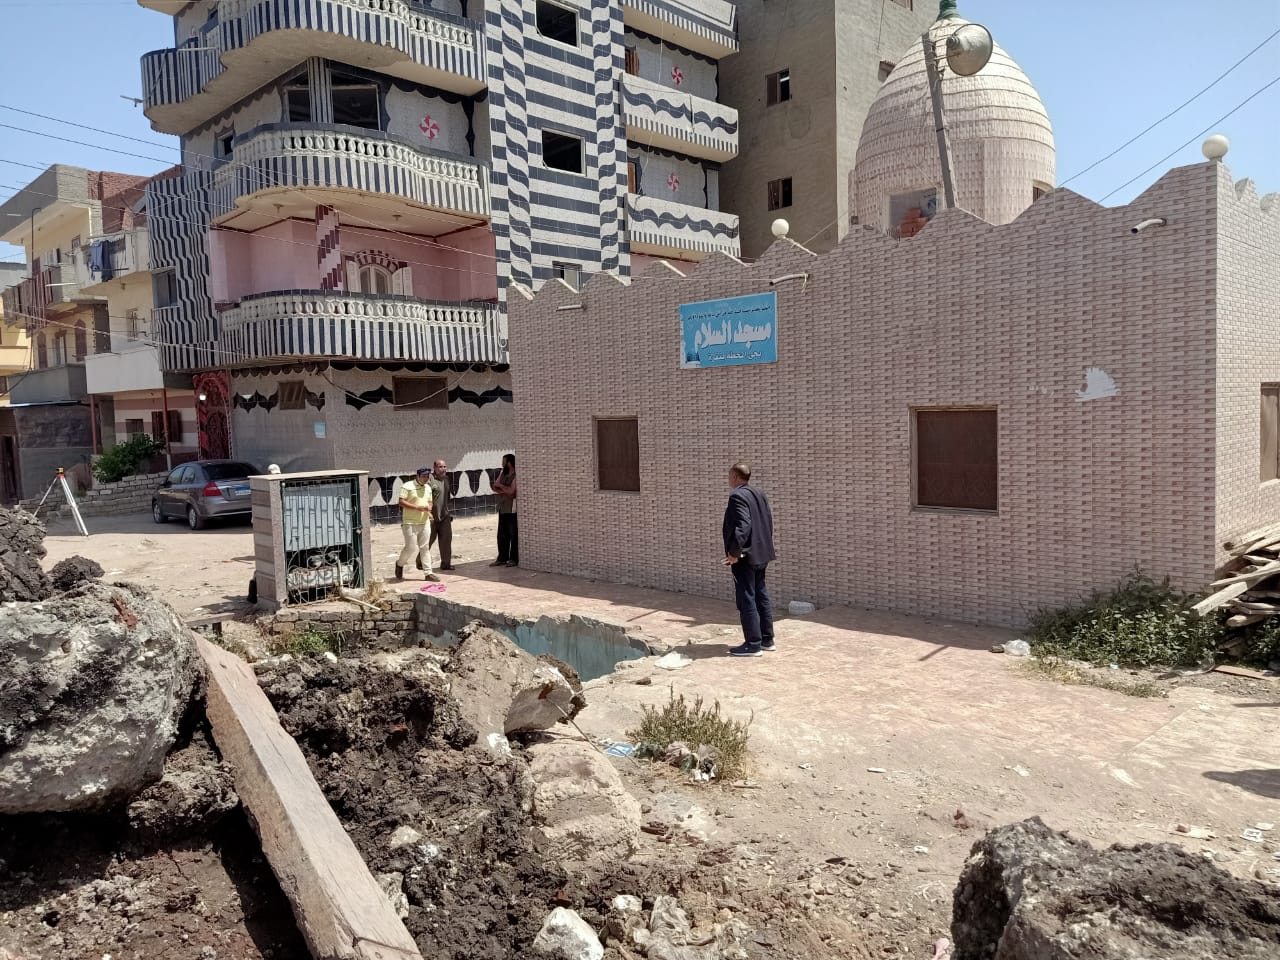 رئيس مدينية دمنهور يزيل تعديات بنفرة بسنهور لتوسعة مزلقان نفره